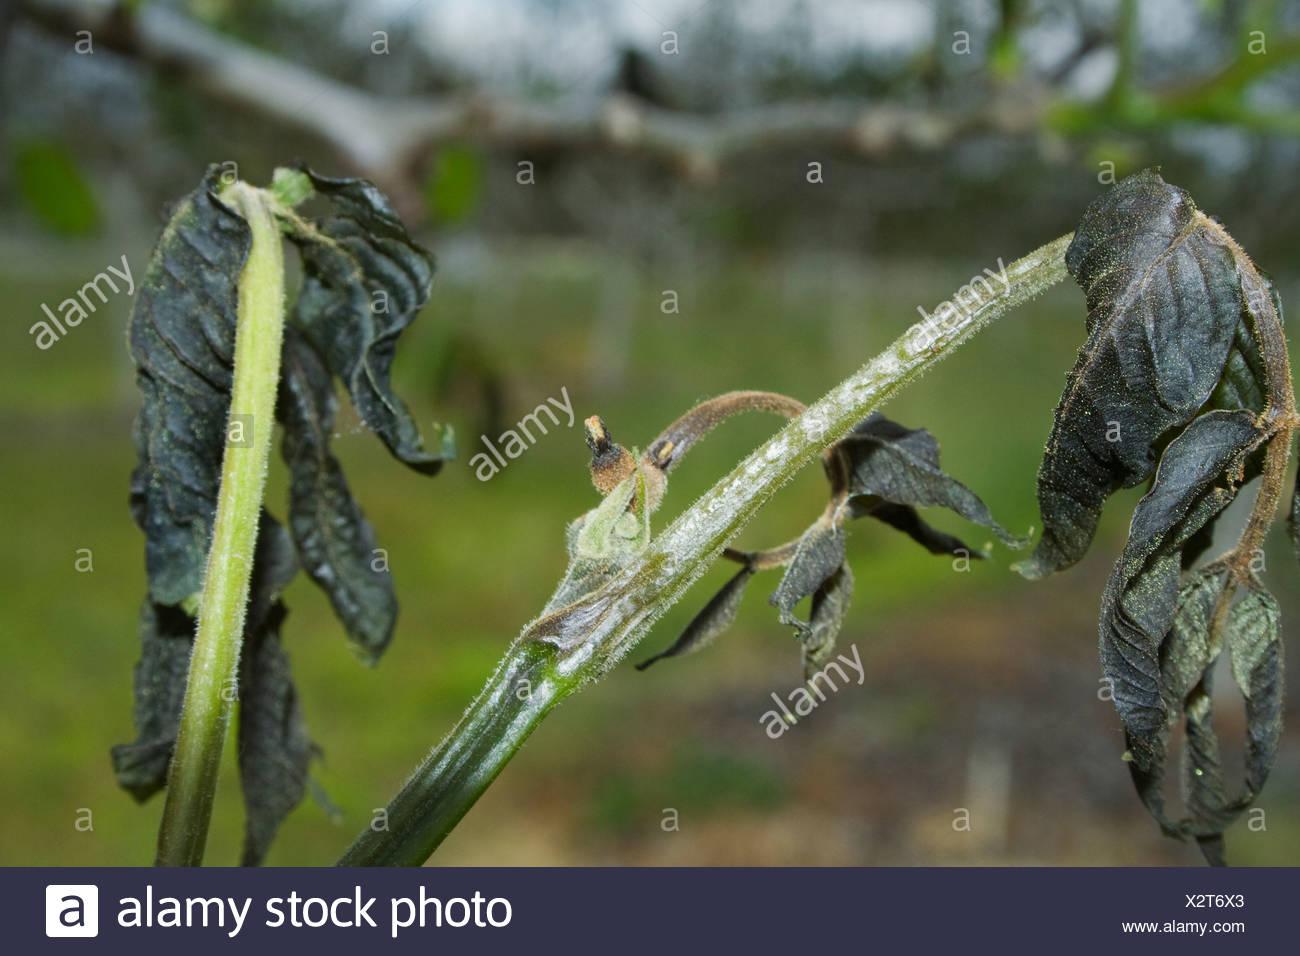 Landwirtschaft - tot Nussbaum Laub durch eine schwere ungewöhnliche Feder verursacht Einfrieren / in der Nähe von Dairyville, Kalifornien, USA. Stockbild